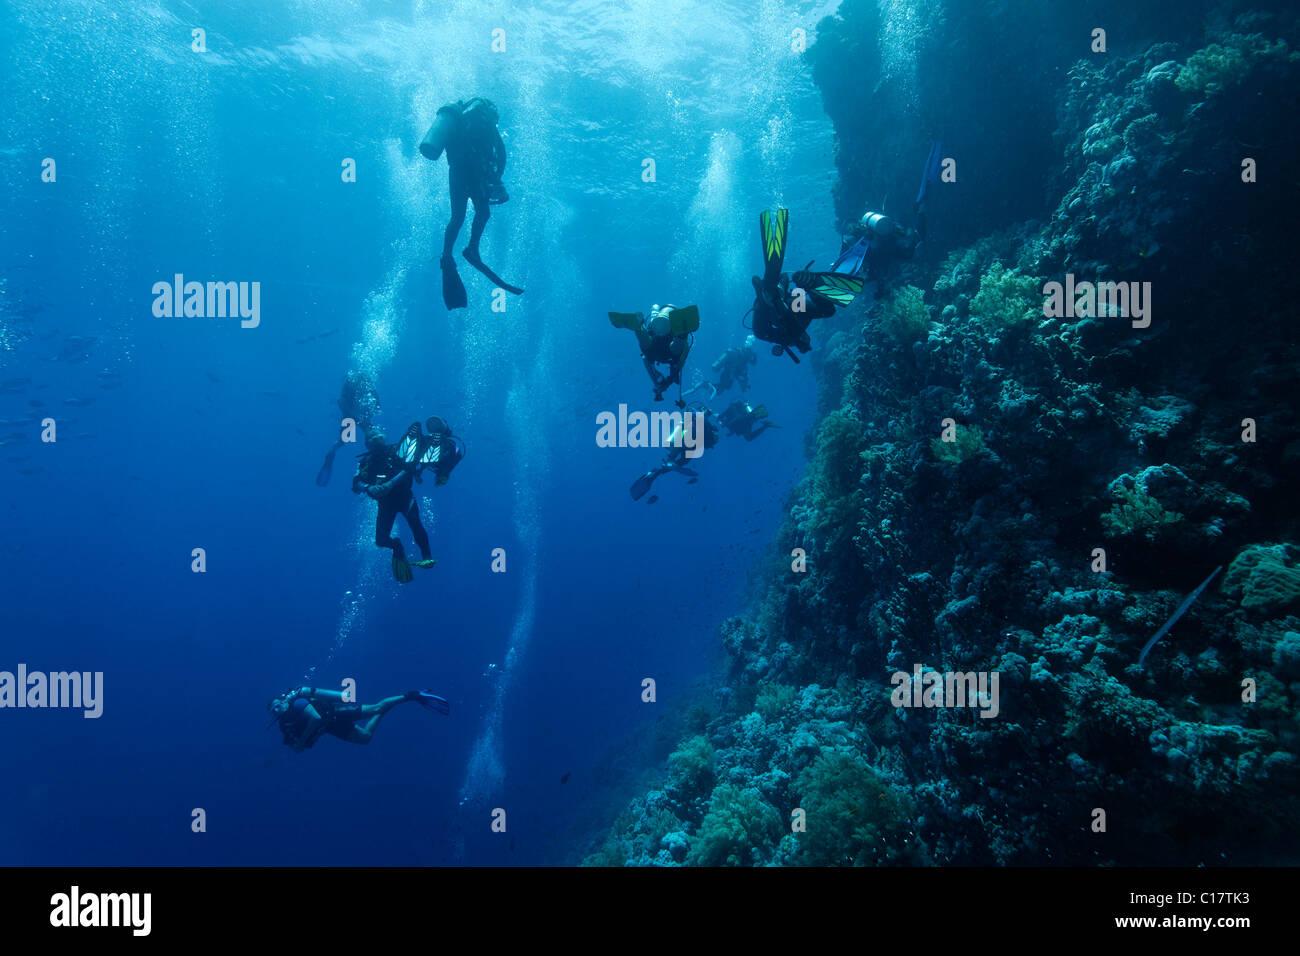 Gli indisciplinati, caotico scuba diver group al Coral reef, Hurghada, fratello isole, Mar Rosso, Egitto, Africa Immagini Stock